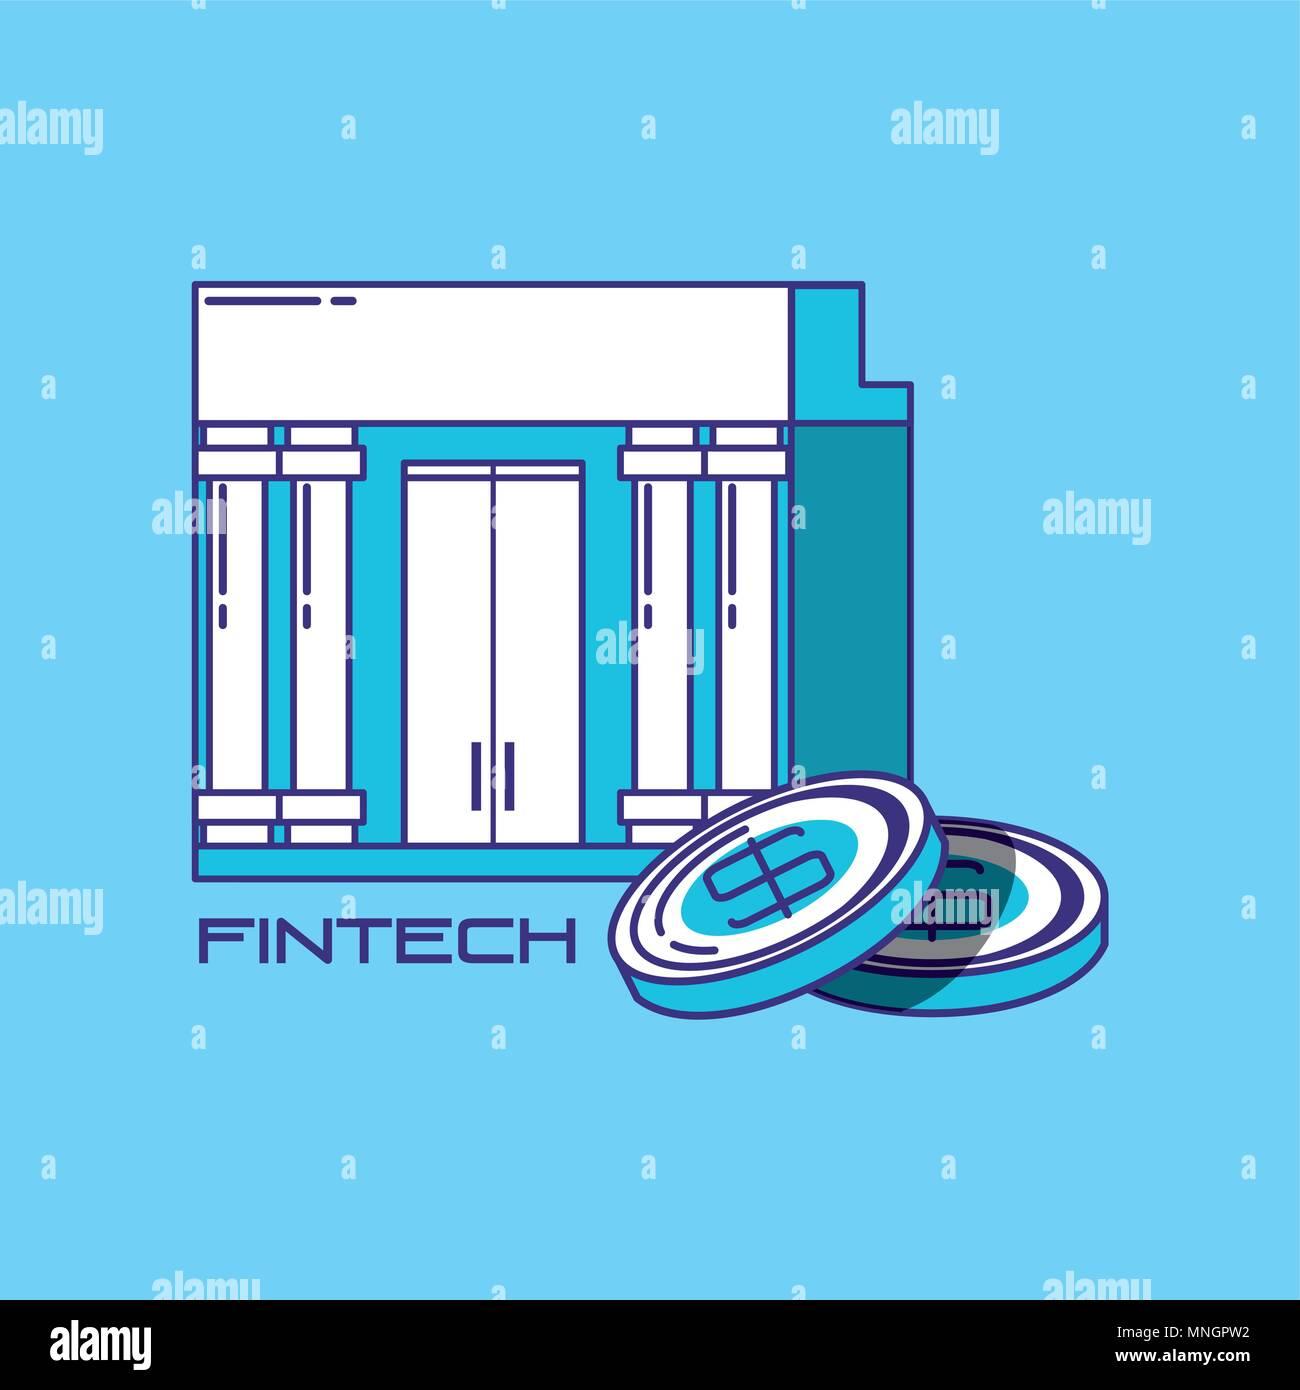 Concepto de tecnología financiera con edificio de banco y monedas sobre fondo azul, ilustración vectorial Imagen De Stock